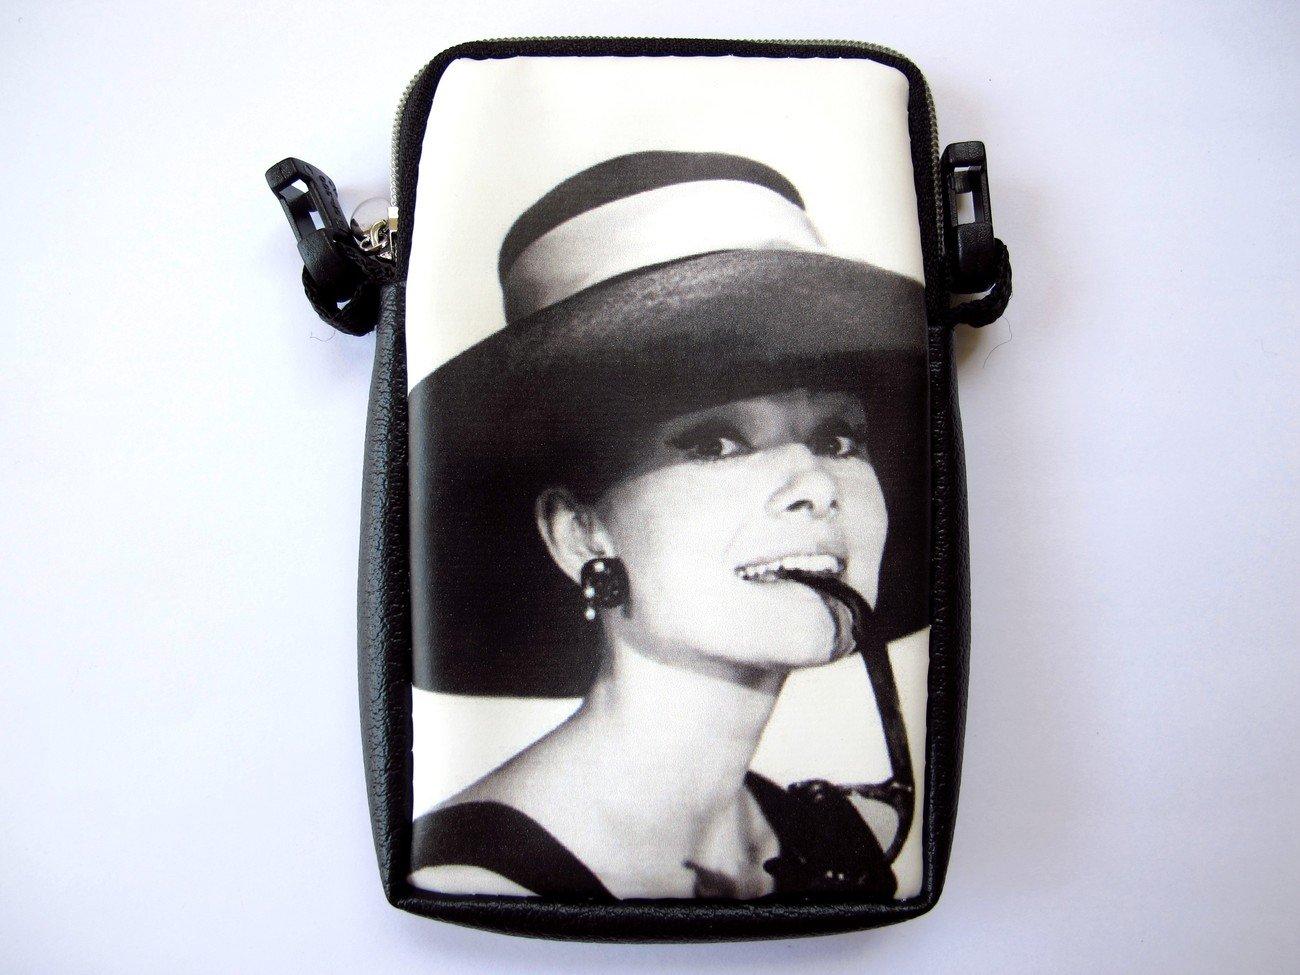 Audrey Hepburn Retro Mobile Phone MP3 MP4 iPod Case Pouch Bag